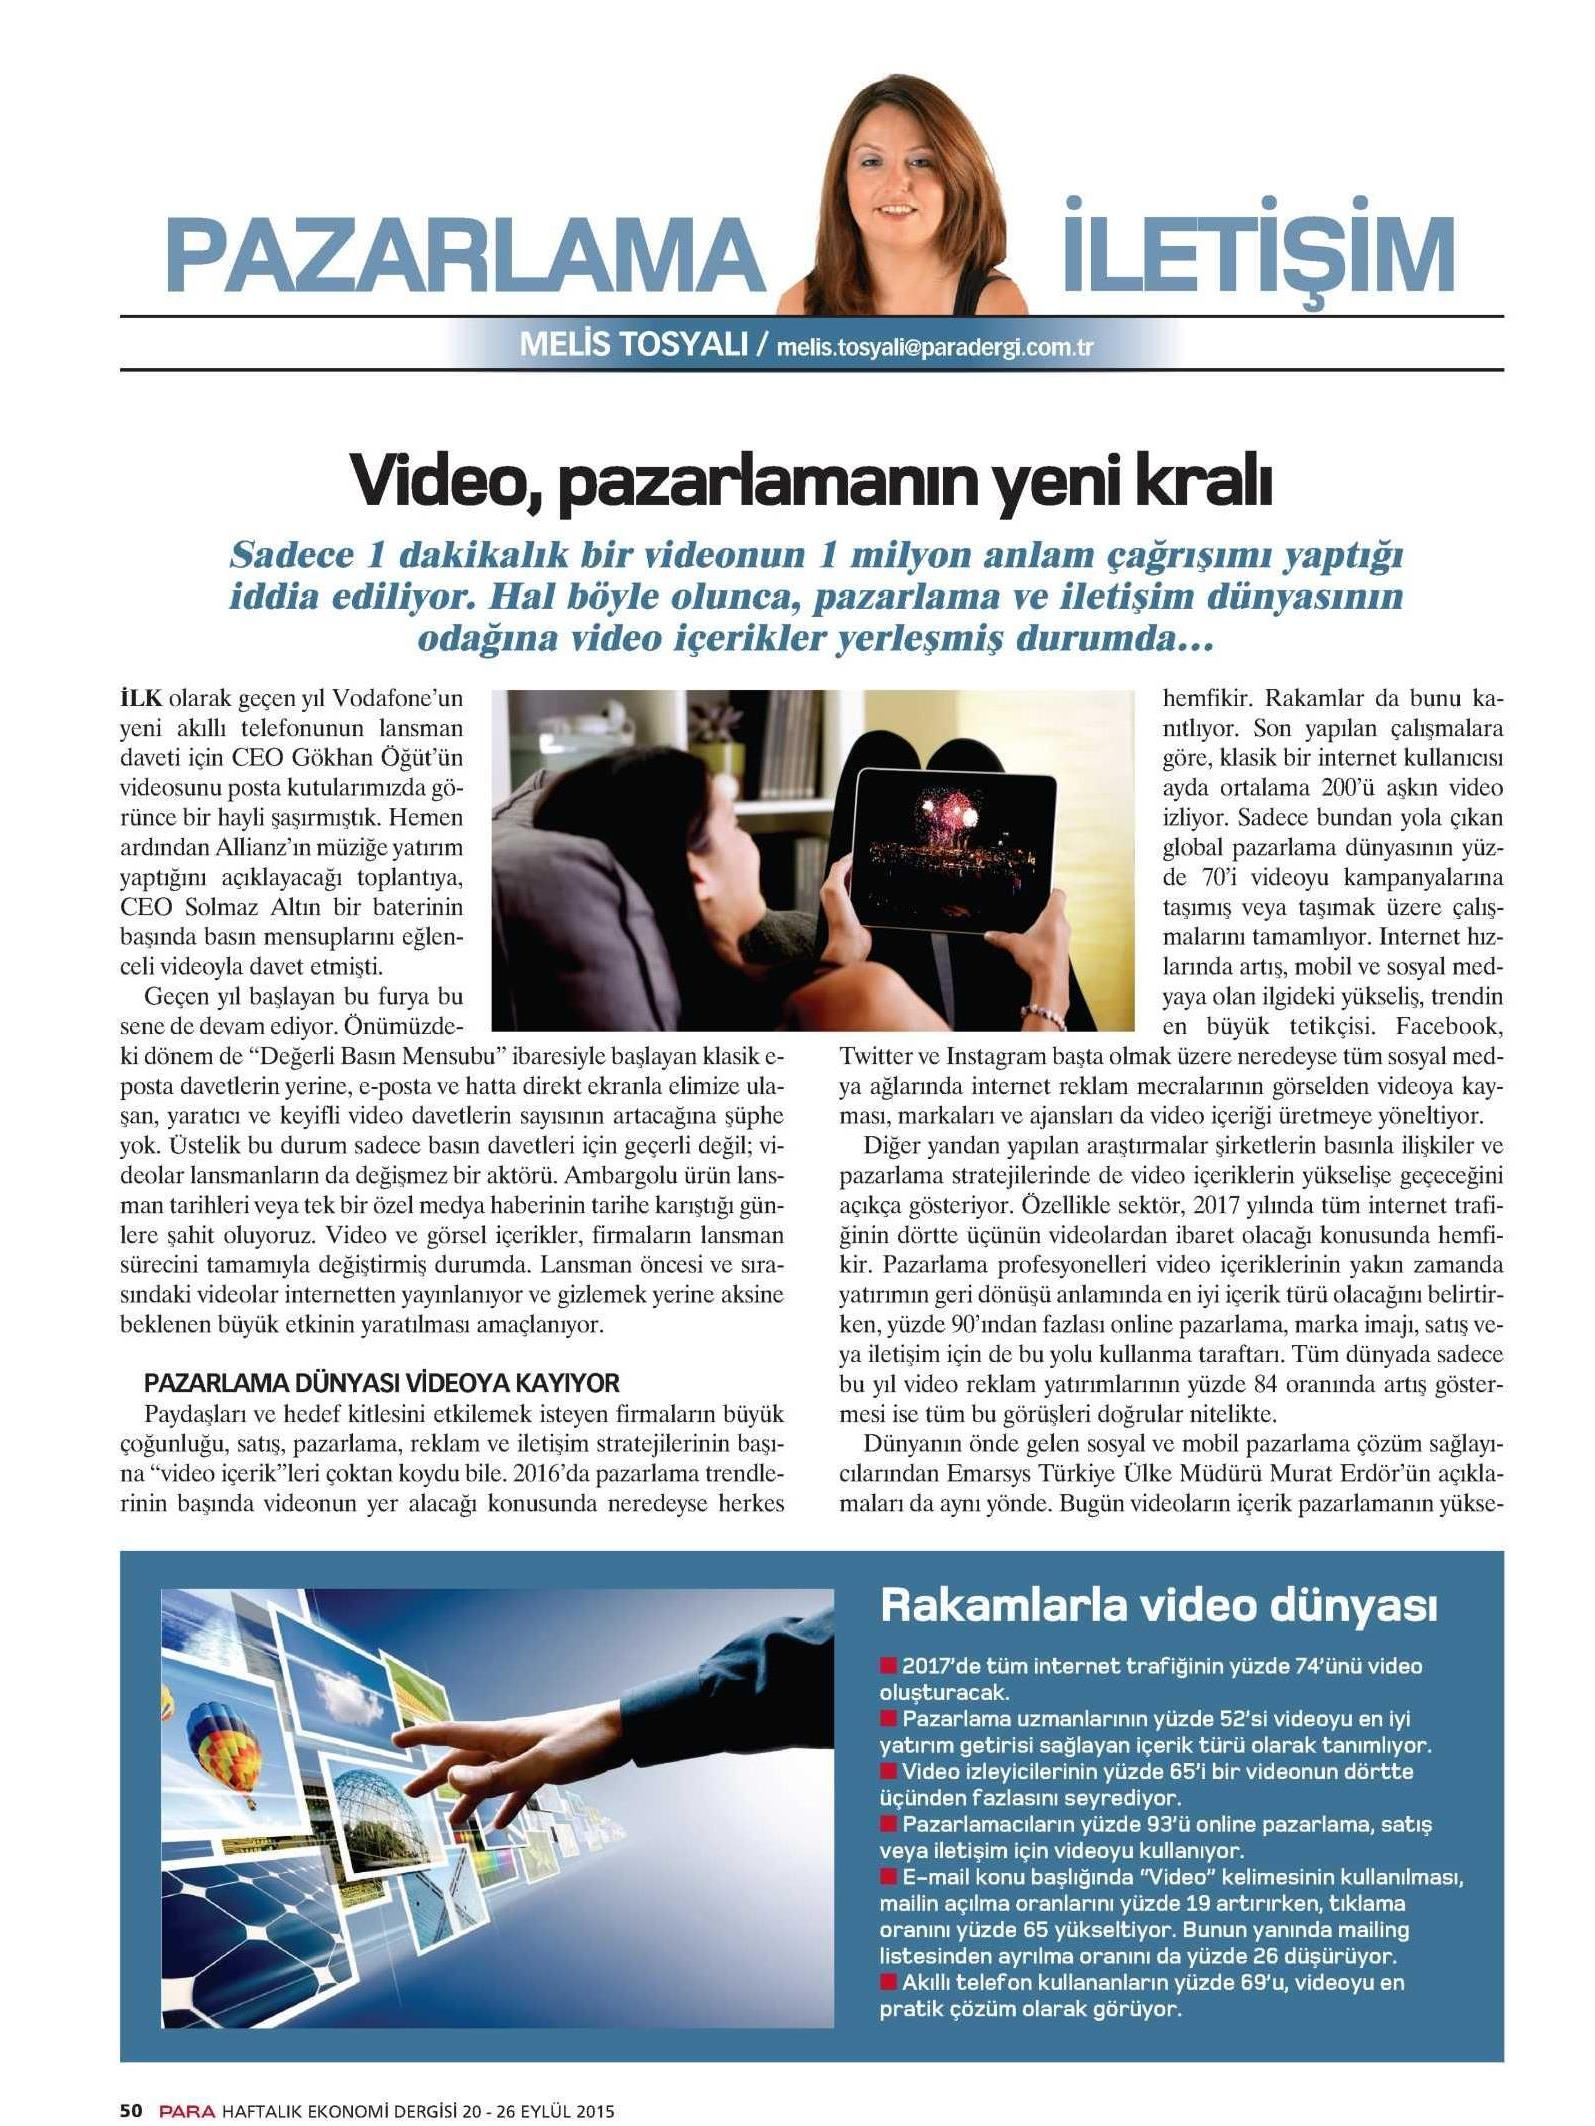 25 - Para Dergisi_muraterdor.com_20.9.2015